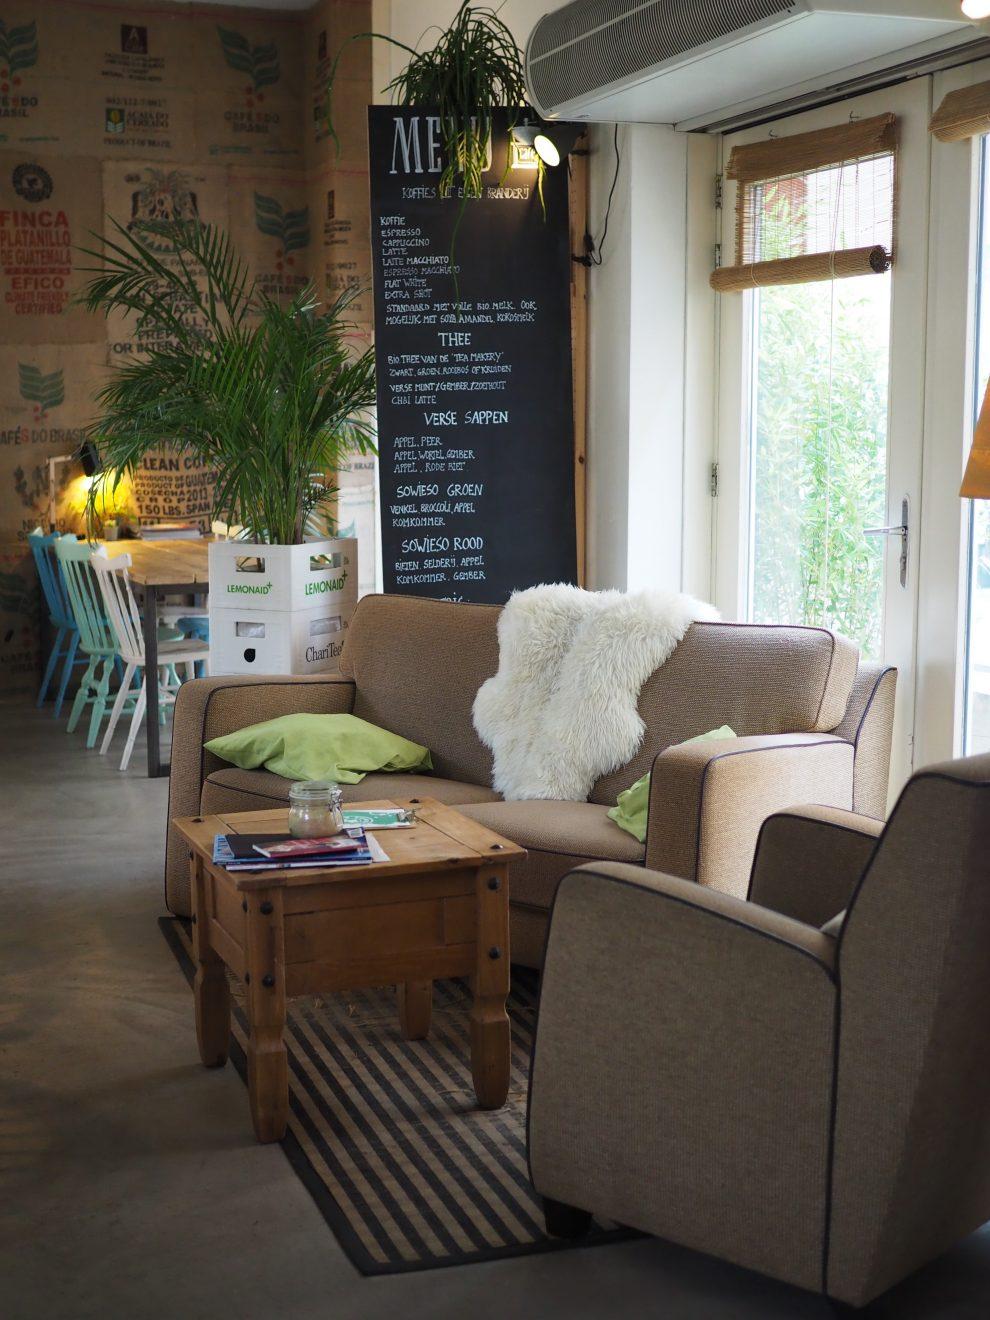 cityrtrip Breda de Haven lunch cafe Sowieso tips voor een dag naar Breda